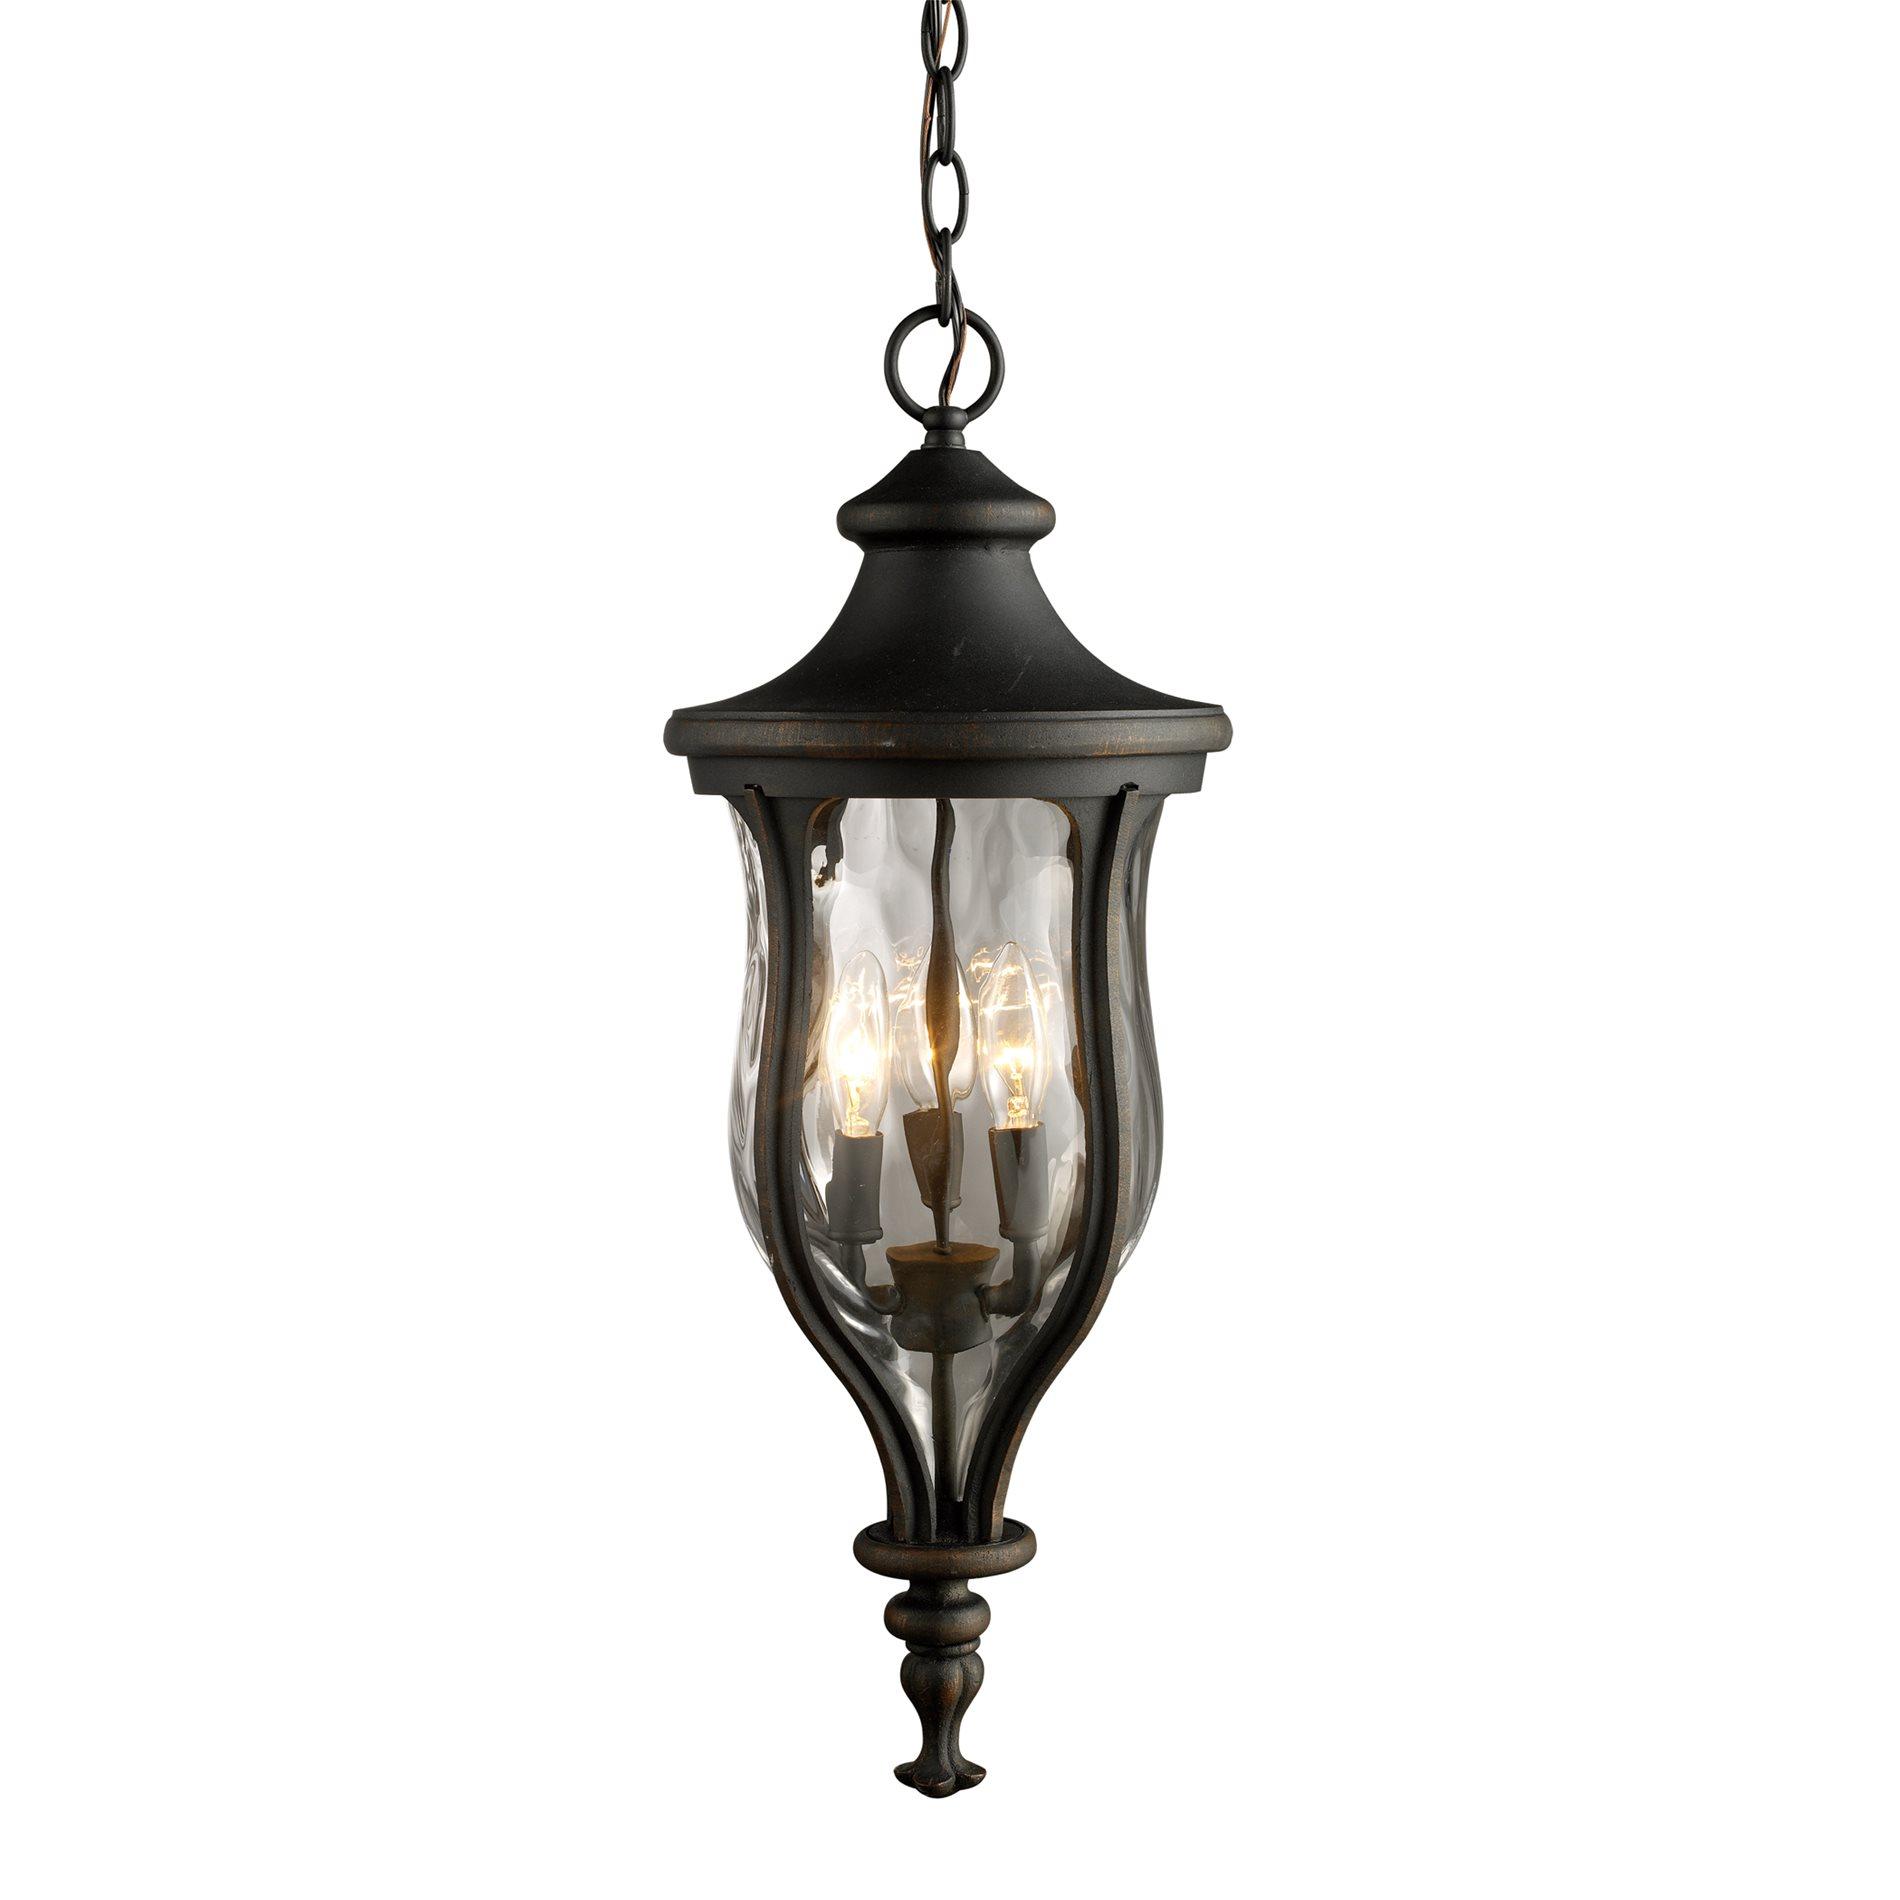 Traditional Outdoor Pendant Lighting : Elk lighting grand aisle traditional outdoor